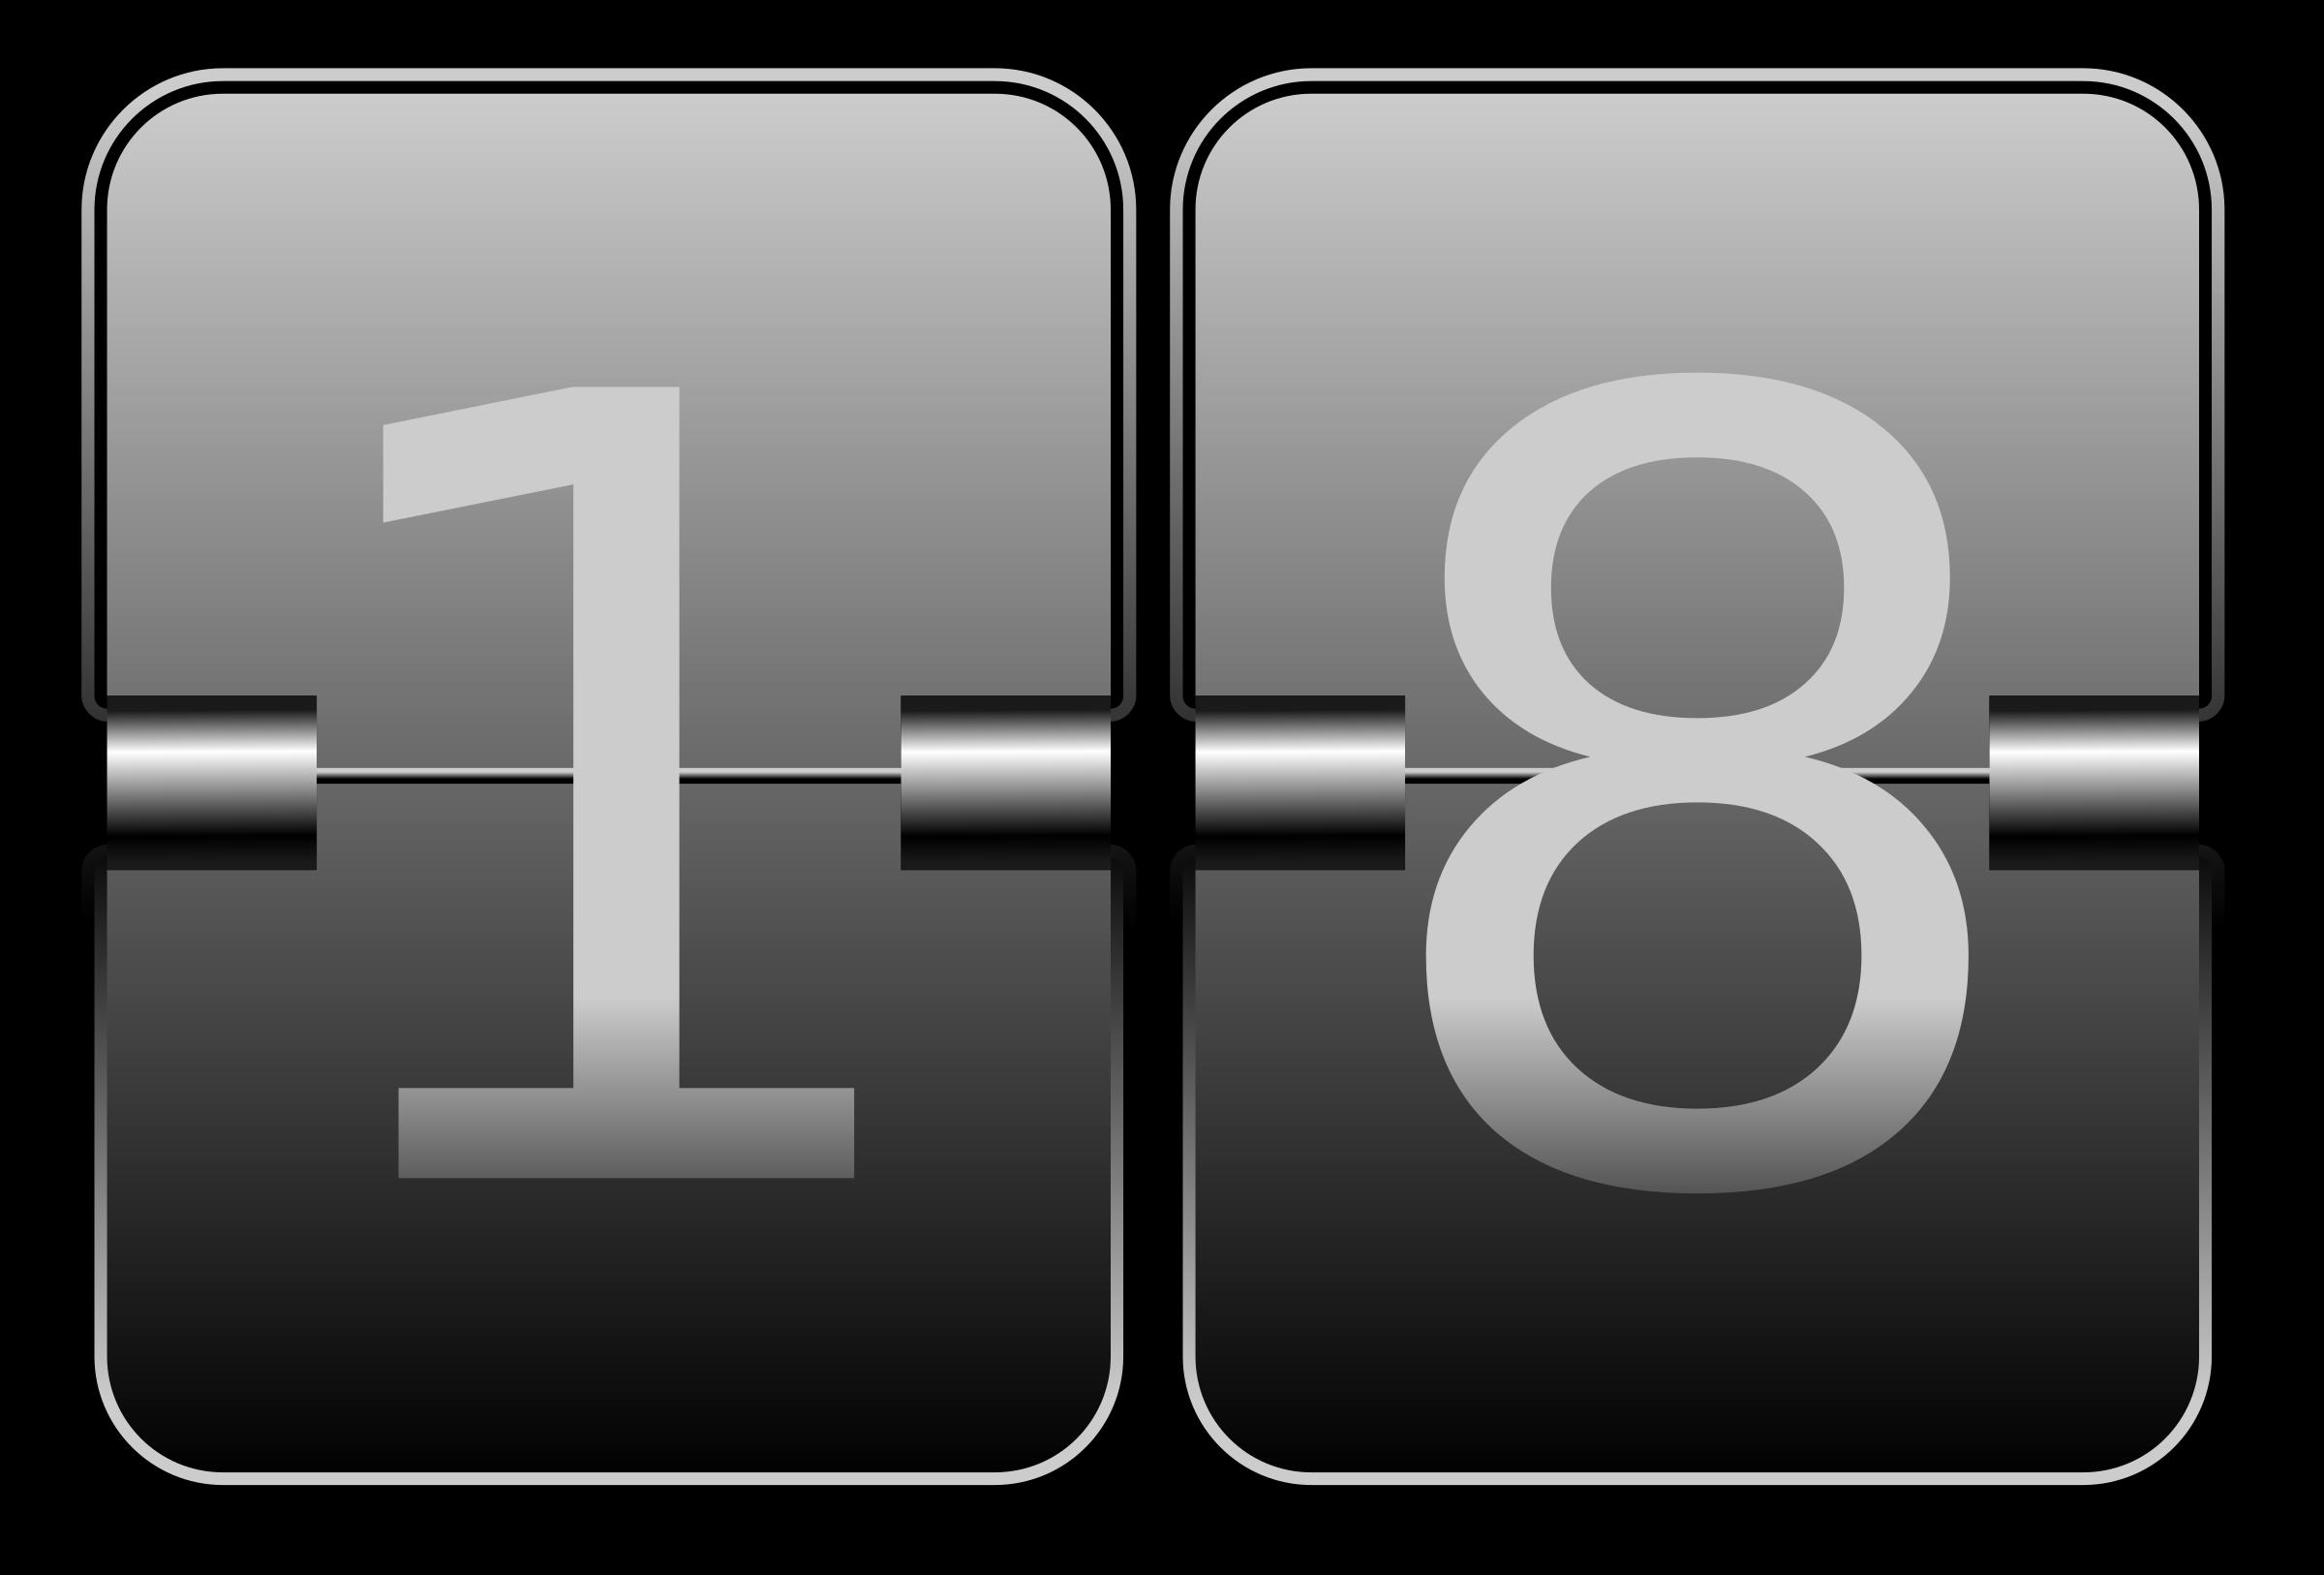 Clipart Digital Clock